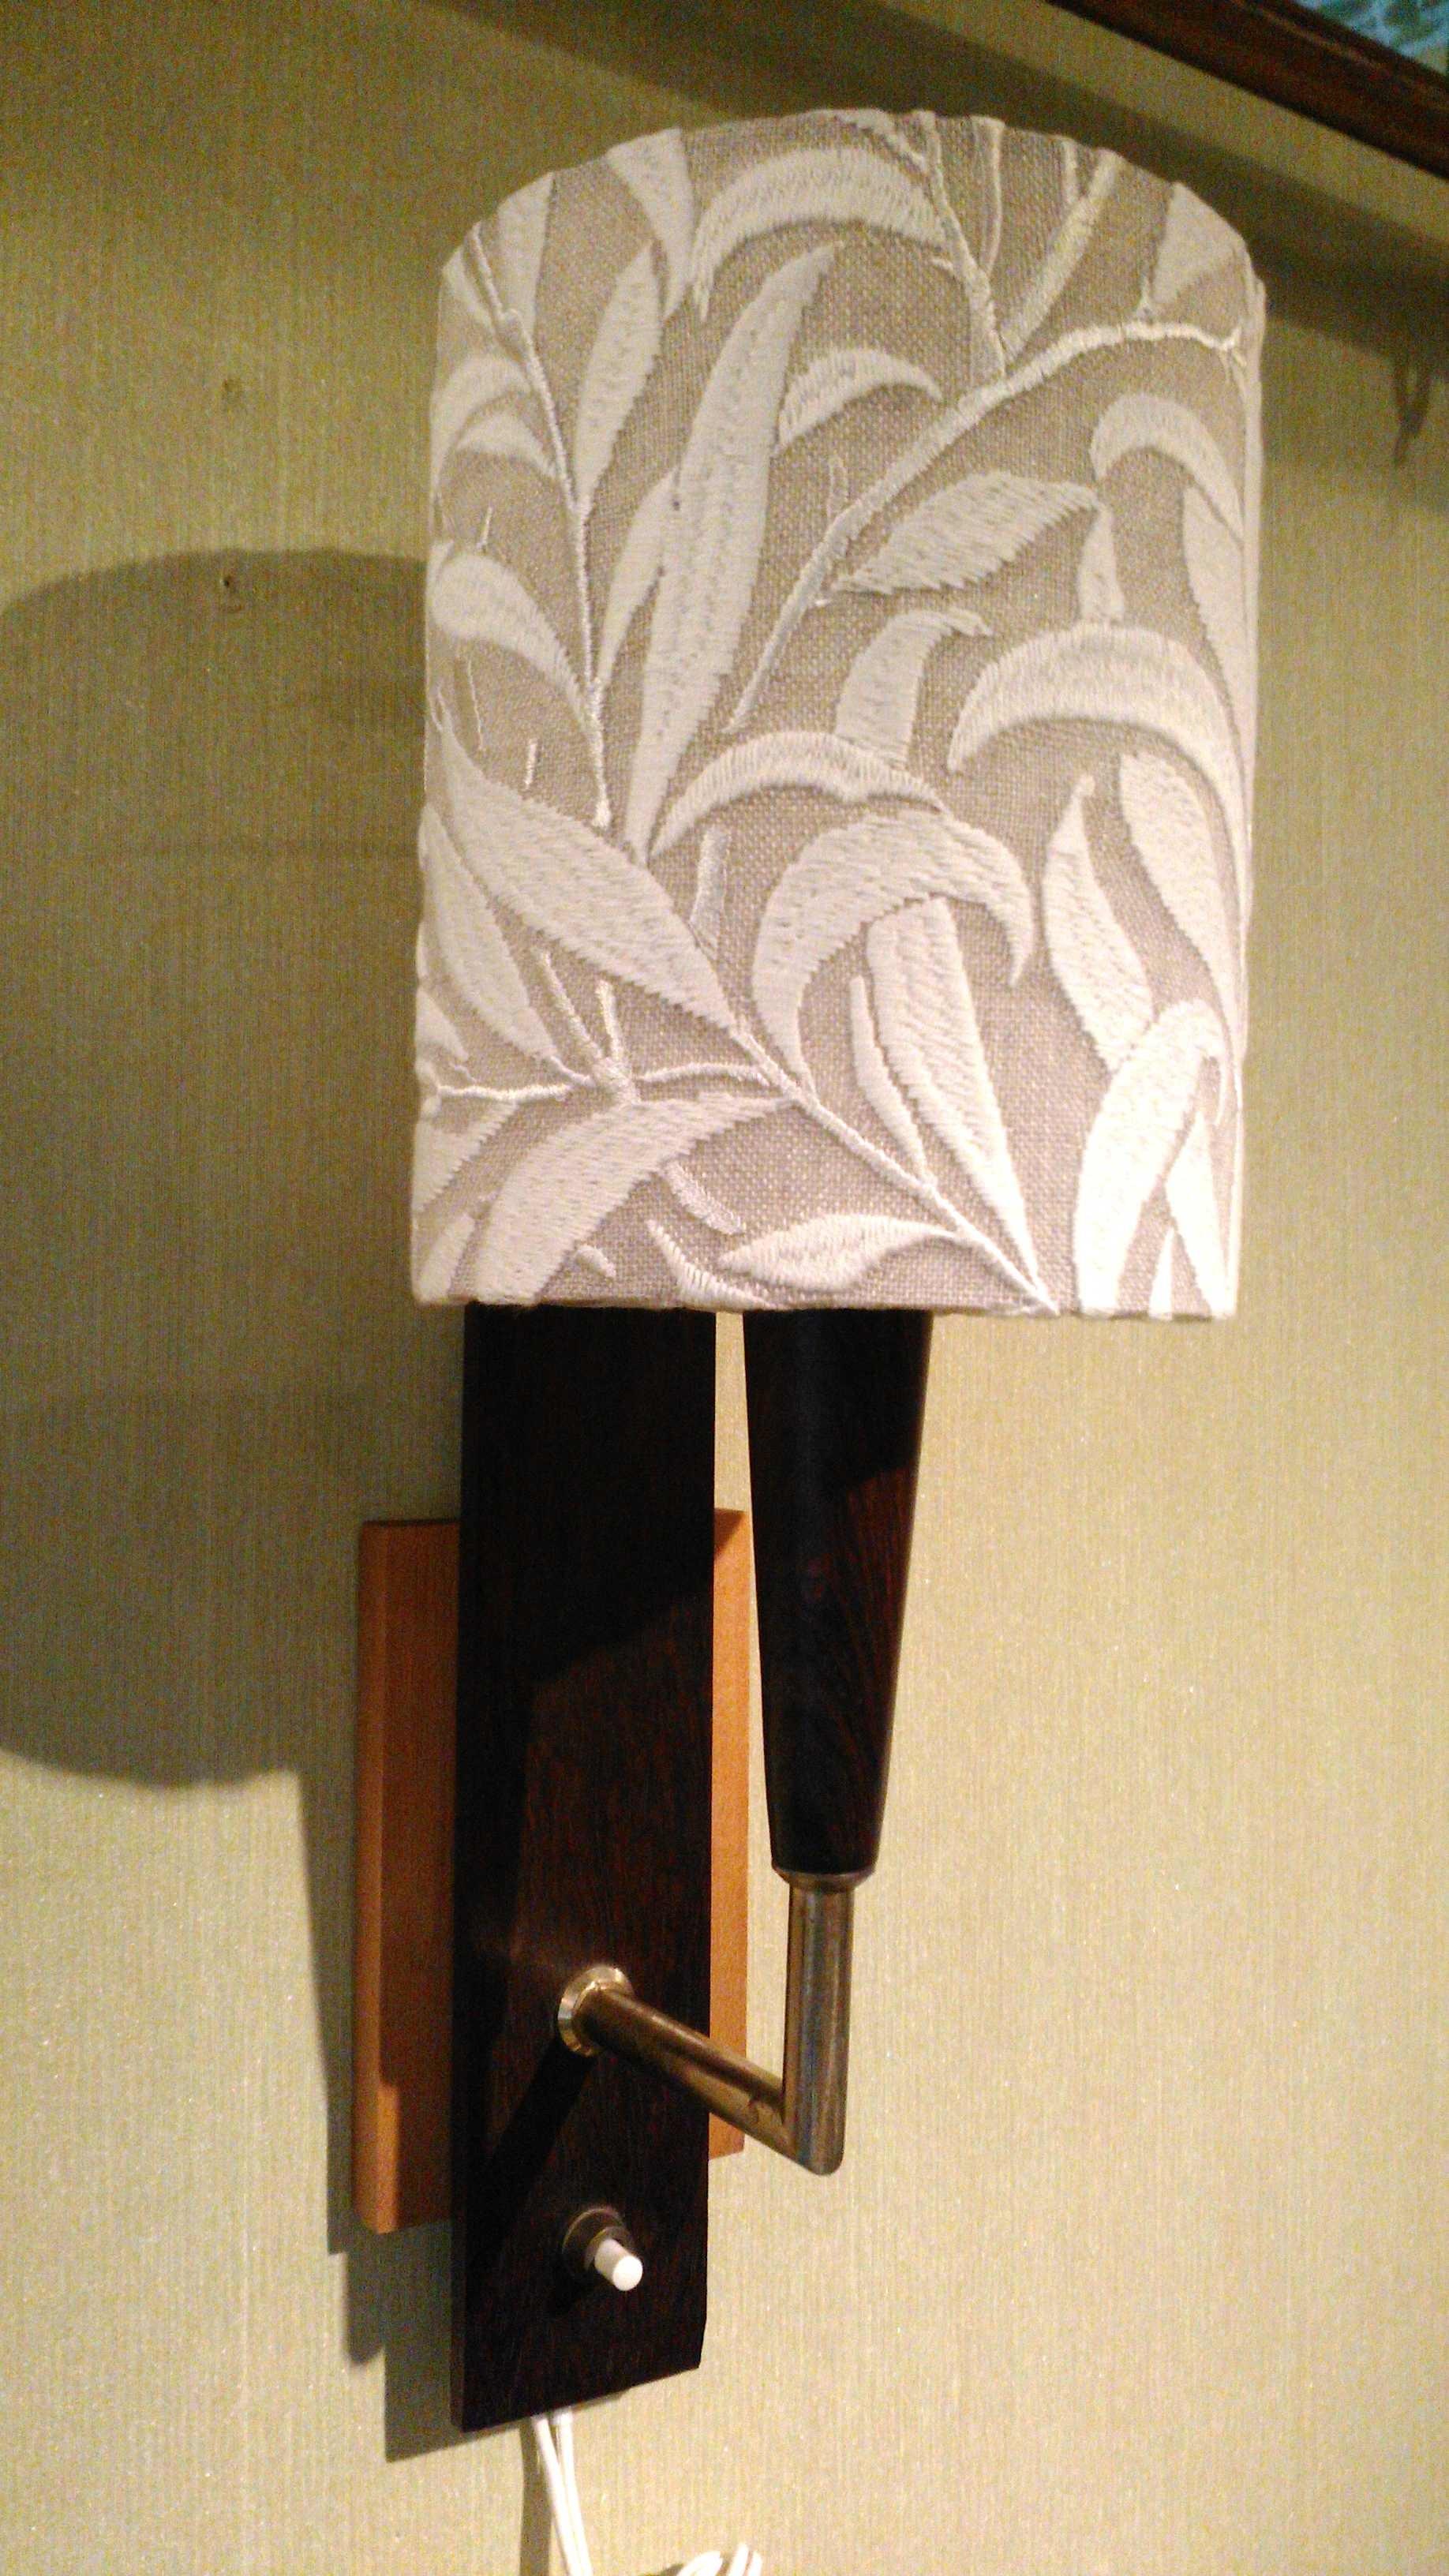 ピュアモリス ランプシェード製作 モリス正規販売店のブライト_c0157866_17582218.jpg